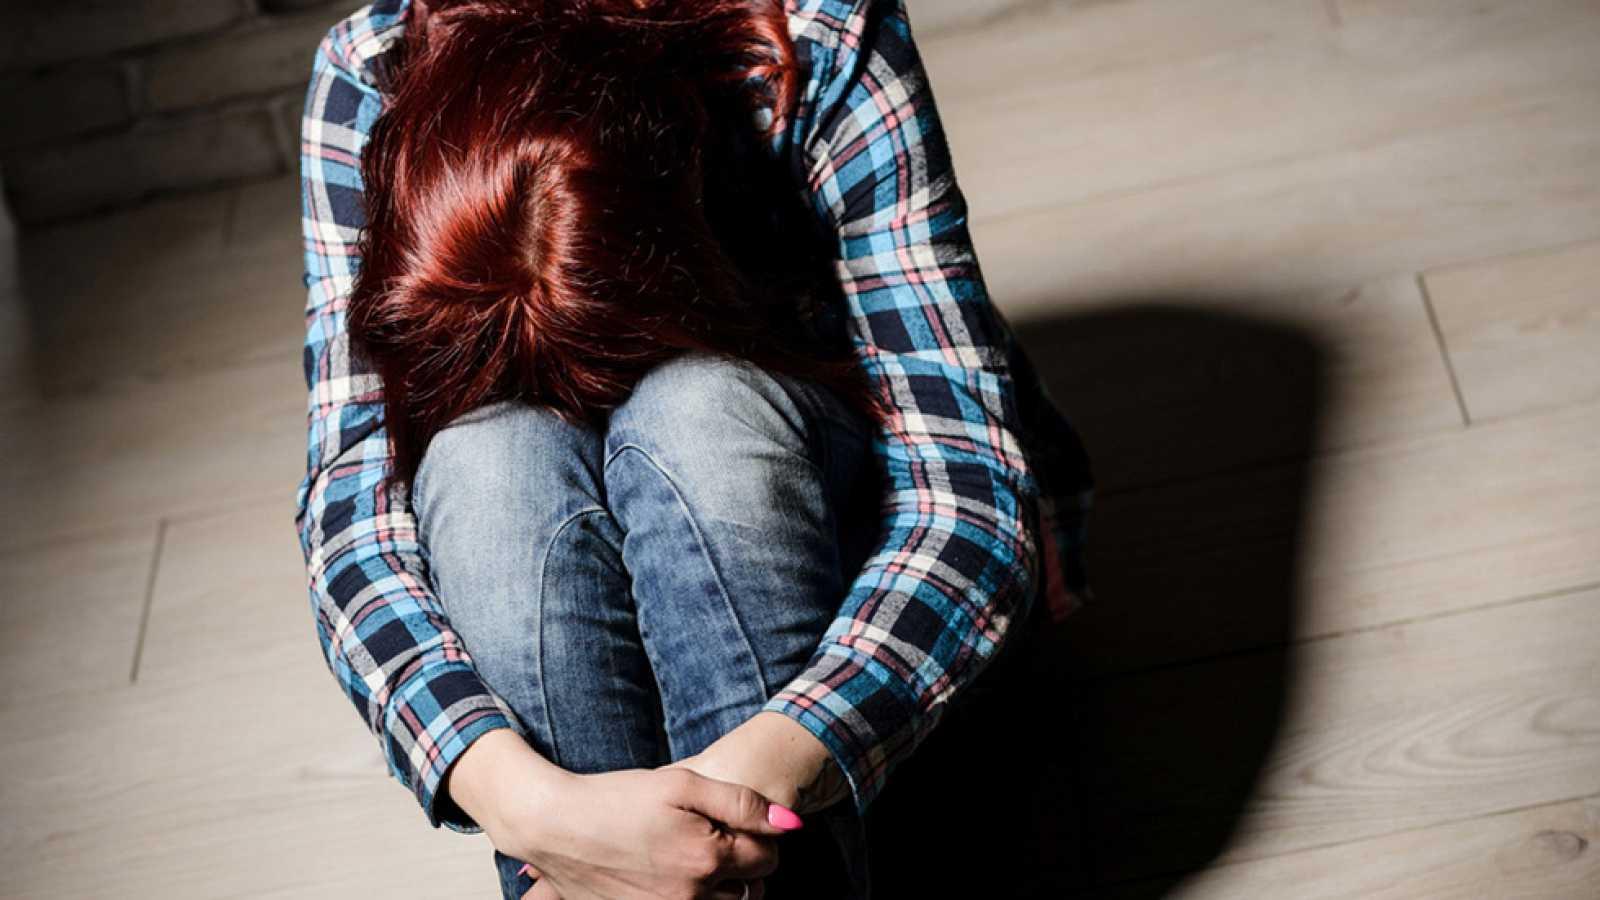 27 mujeres han sido asesinadas a manos de sus parejas o ex parejas en lo que va de año